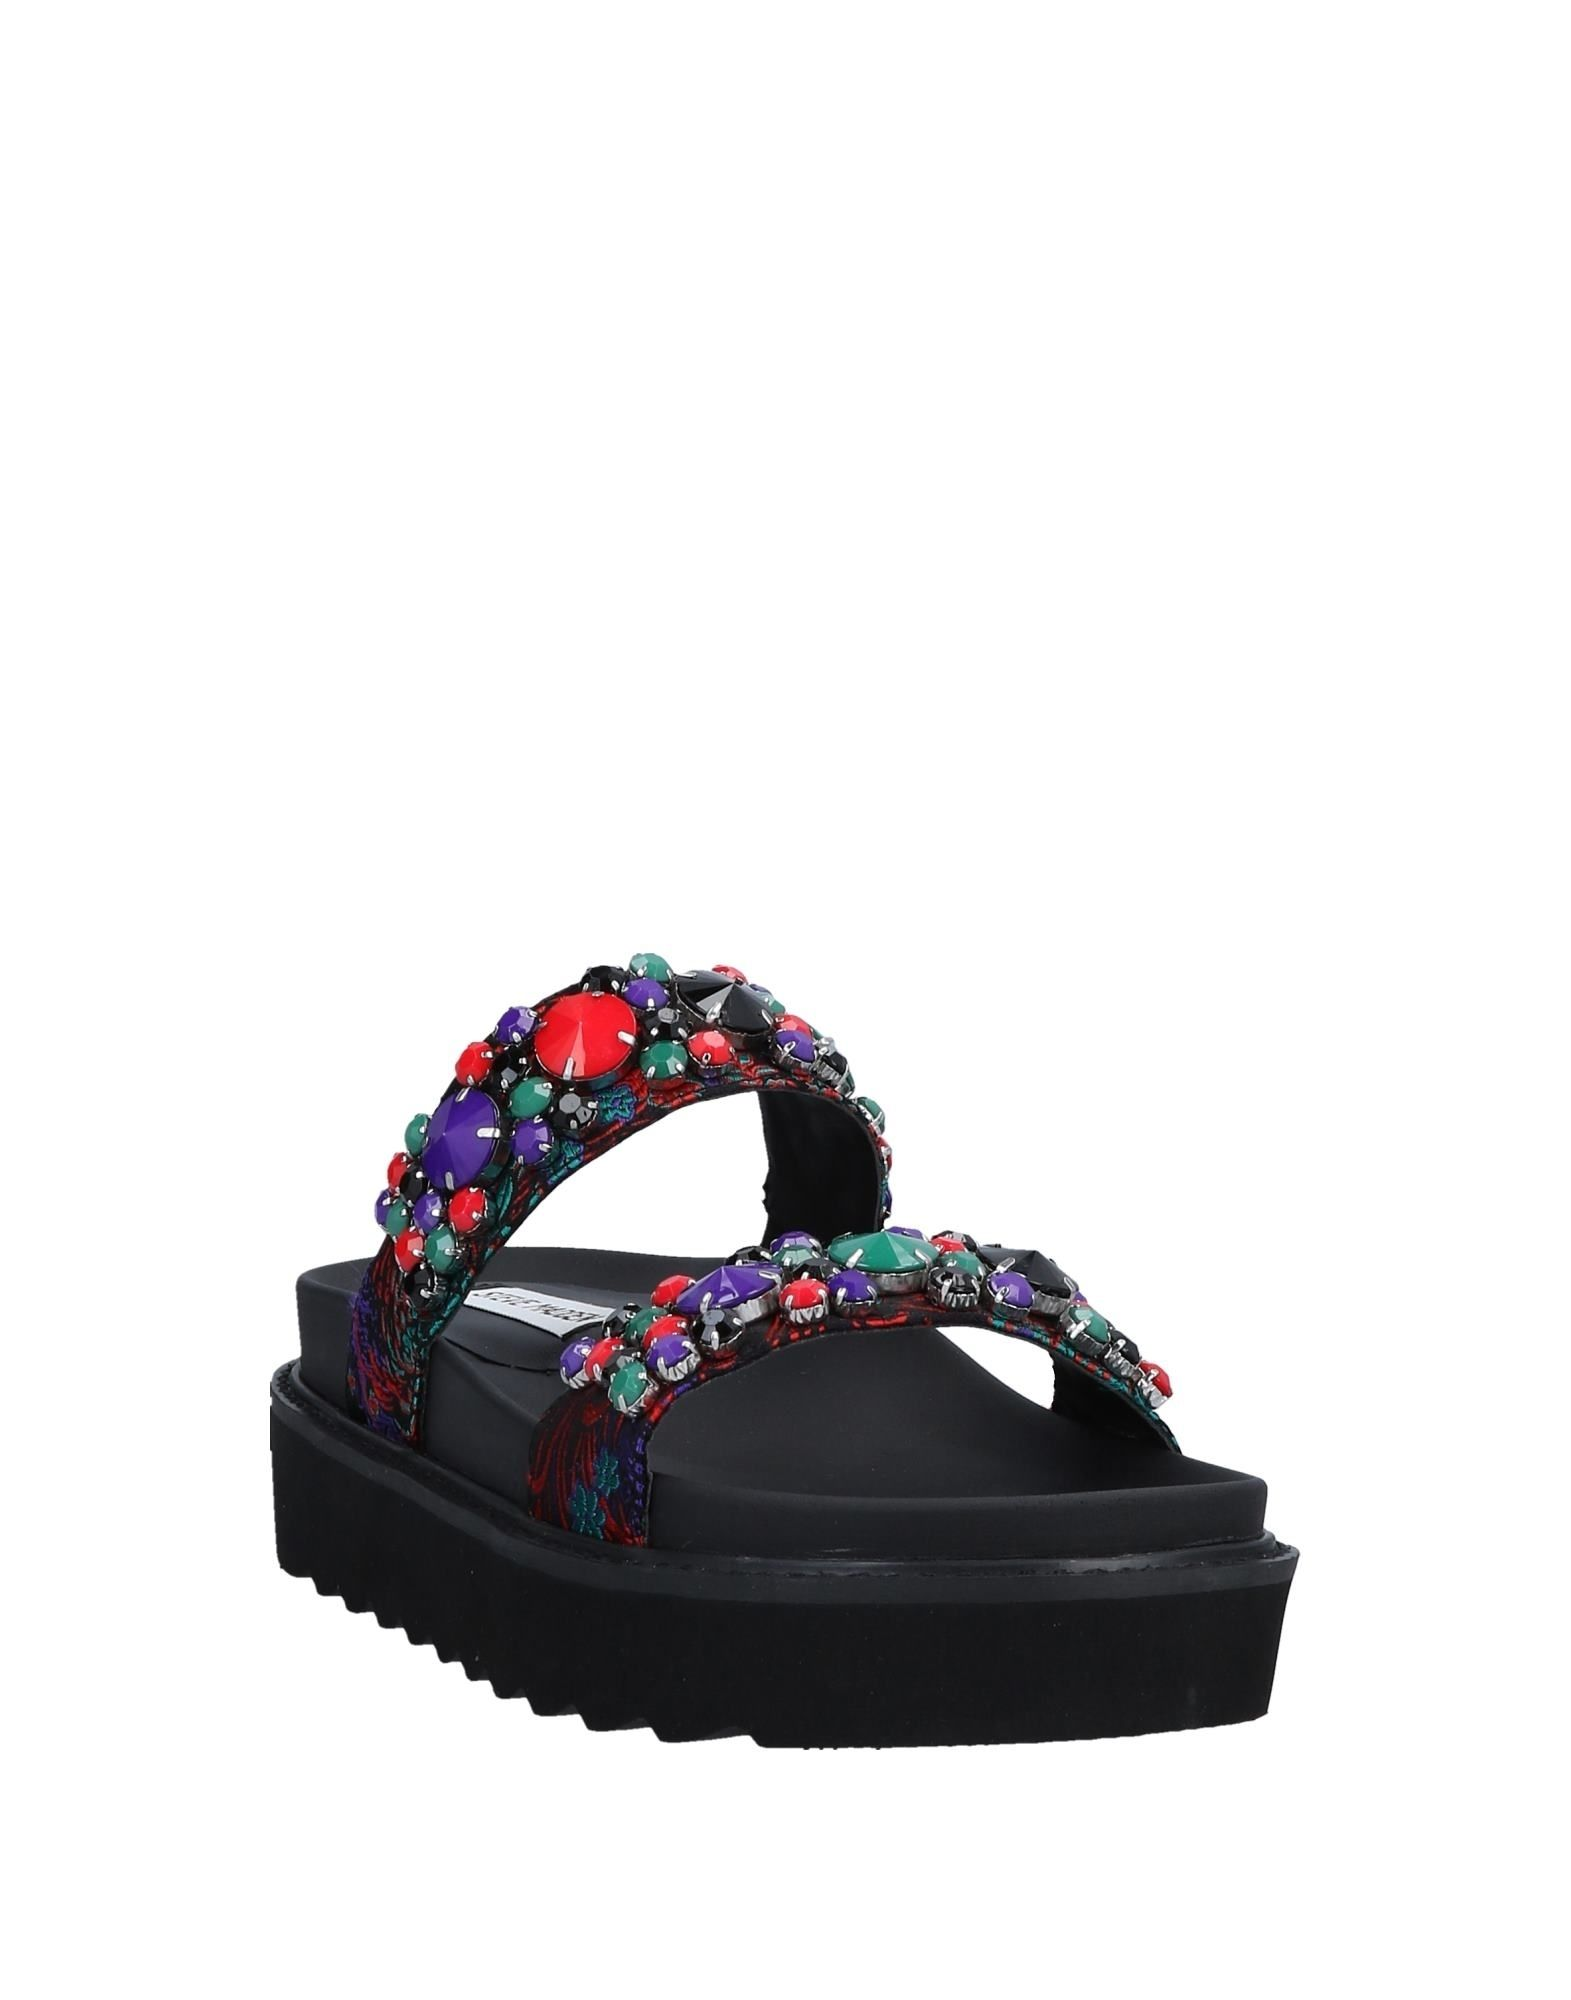 steve madden sandales - femmes steve madden sandales en - ligne le royaume - en uni - 11566757on 3be965